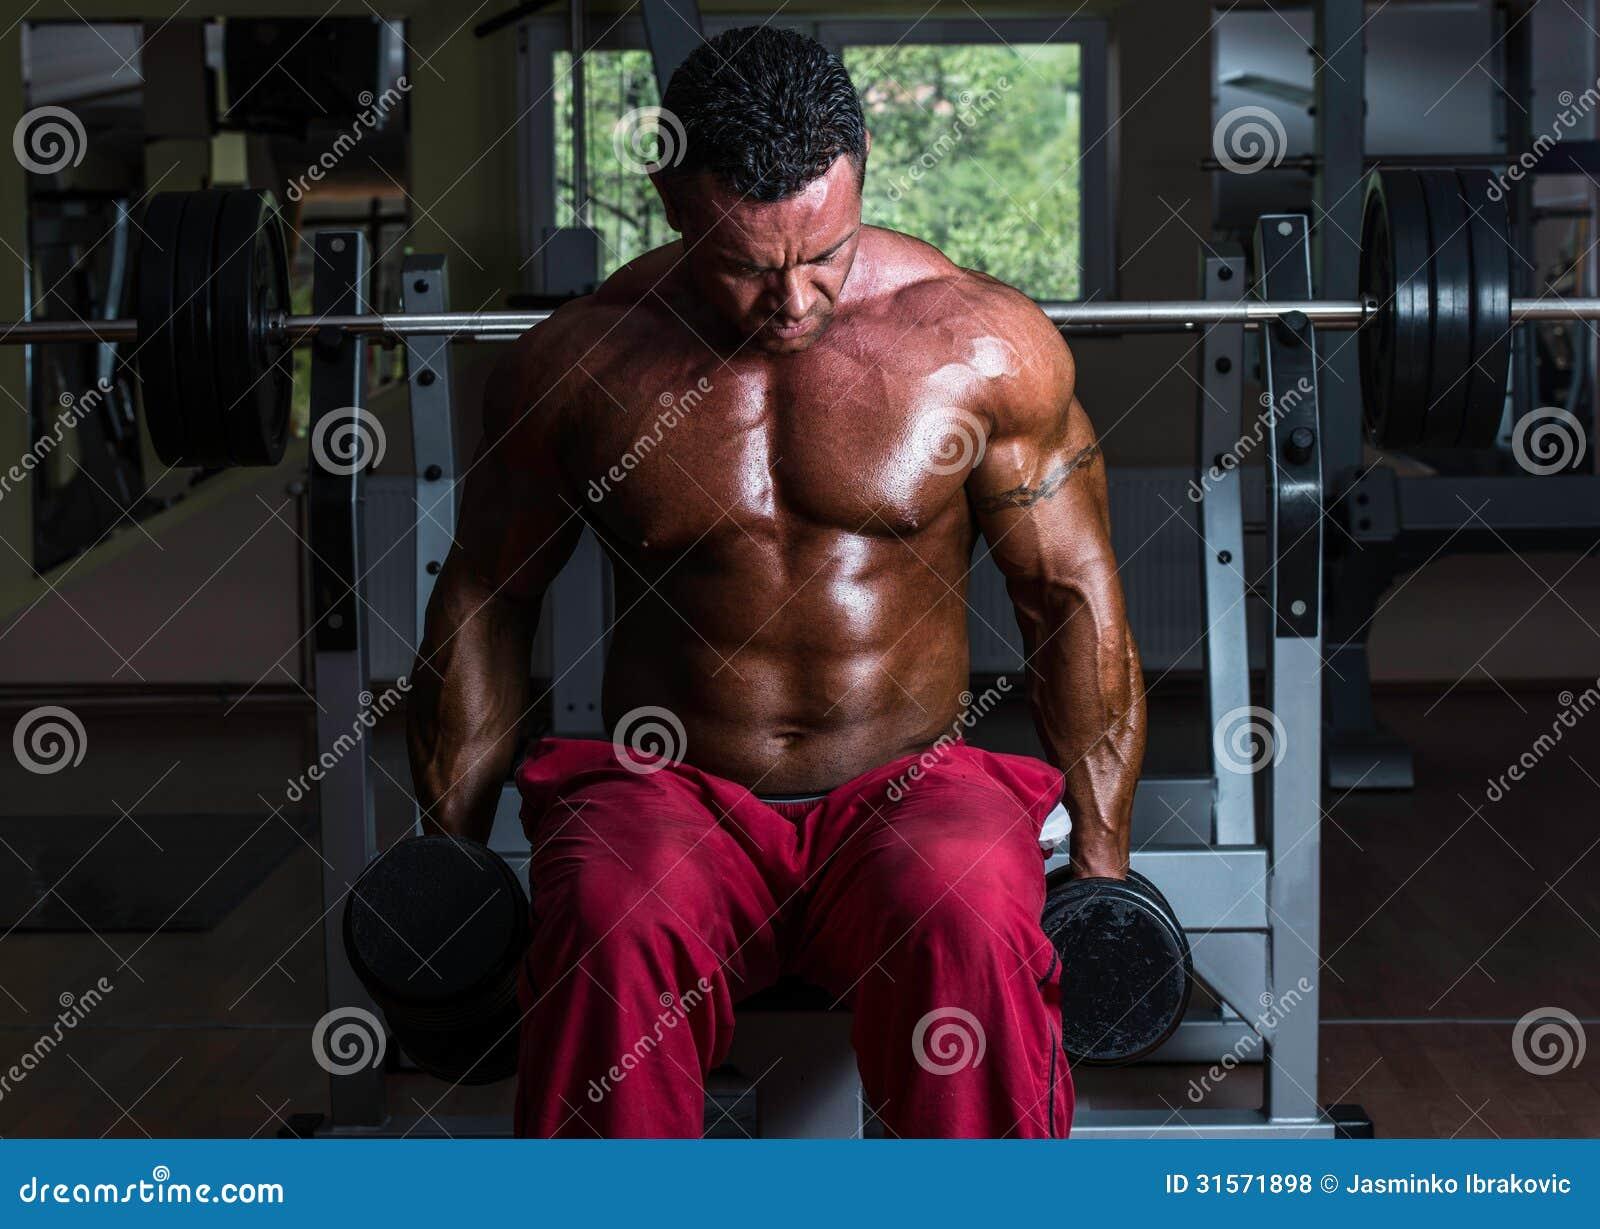 Без рубашки культурист делая тяжеловесную тренировку для бицепса